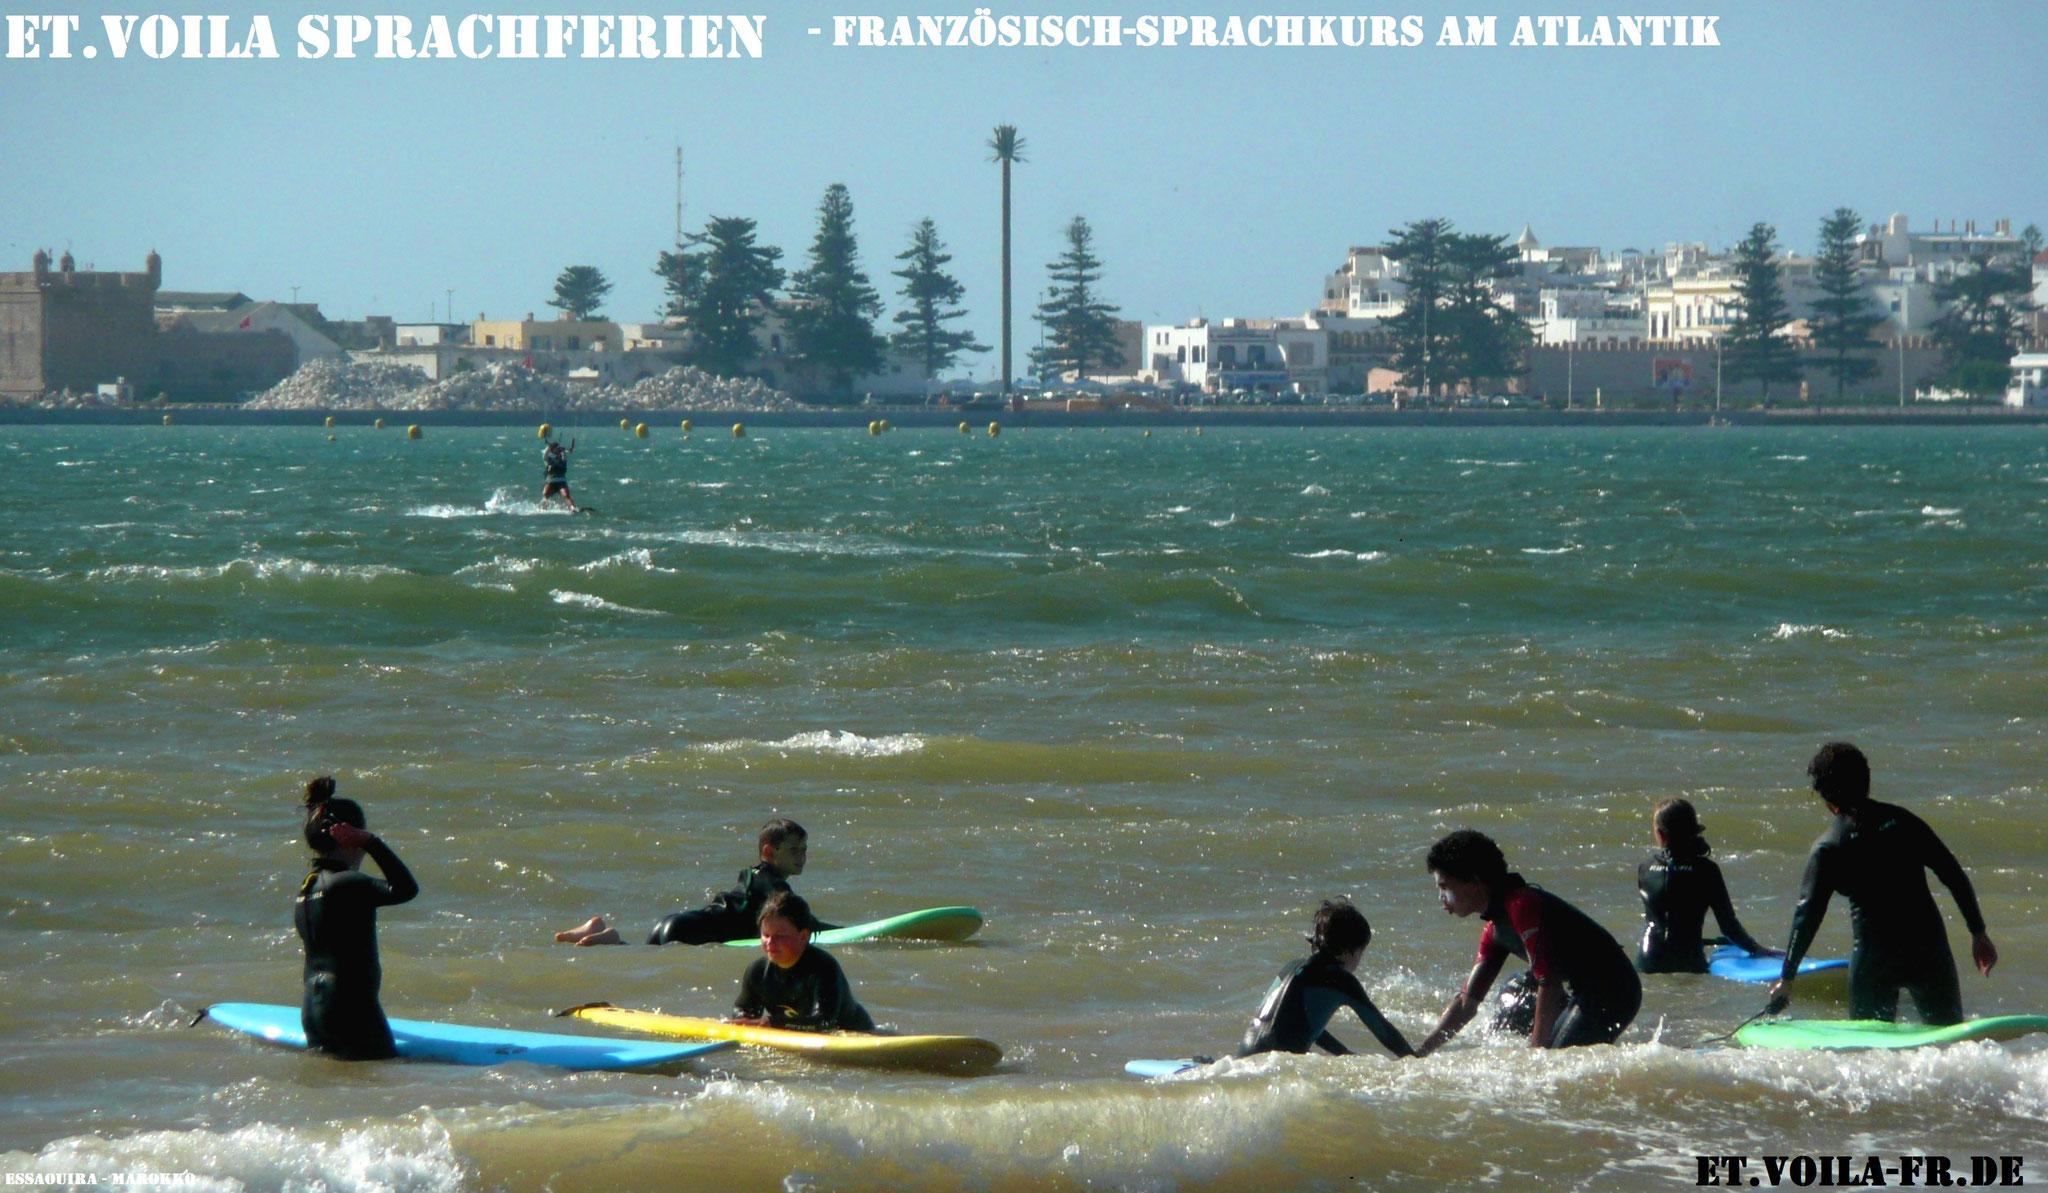 Marokko Sprachreise mit FRANZÖSISCH Sprachkurs in den Sommerferien